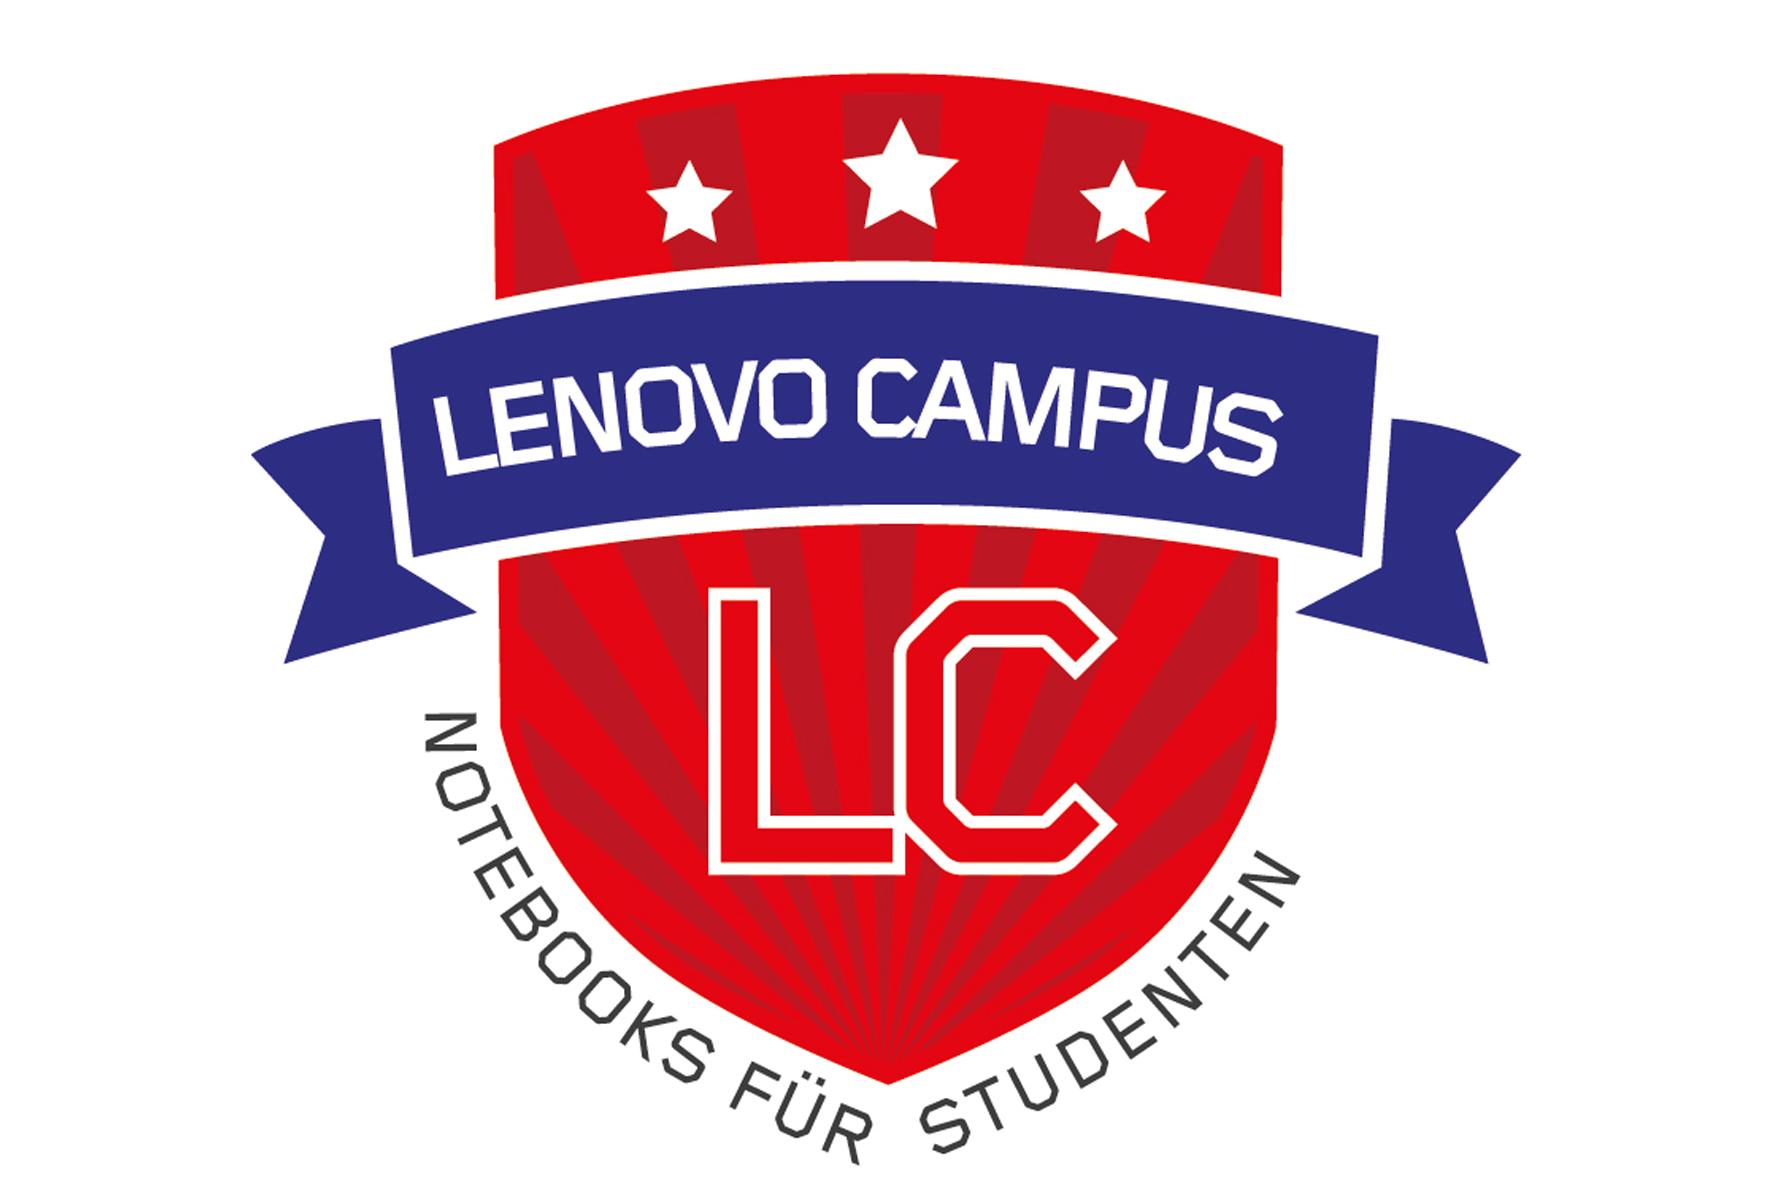 Lenovo Campus Logo